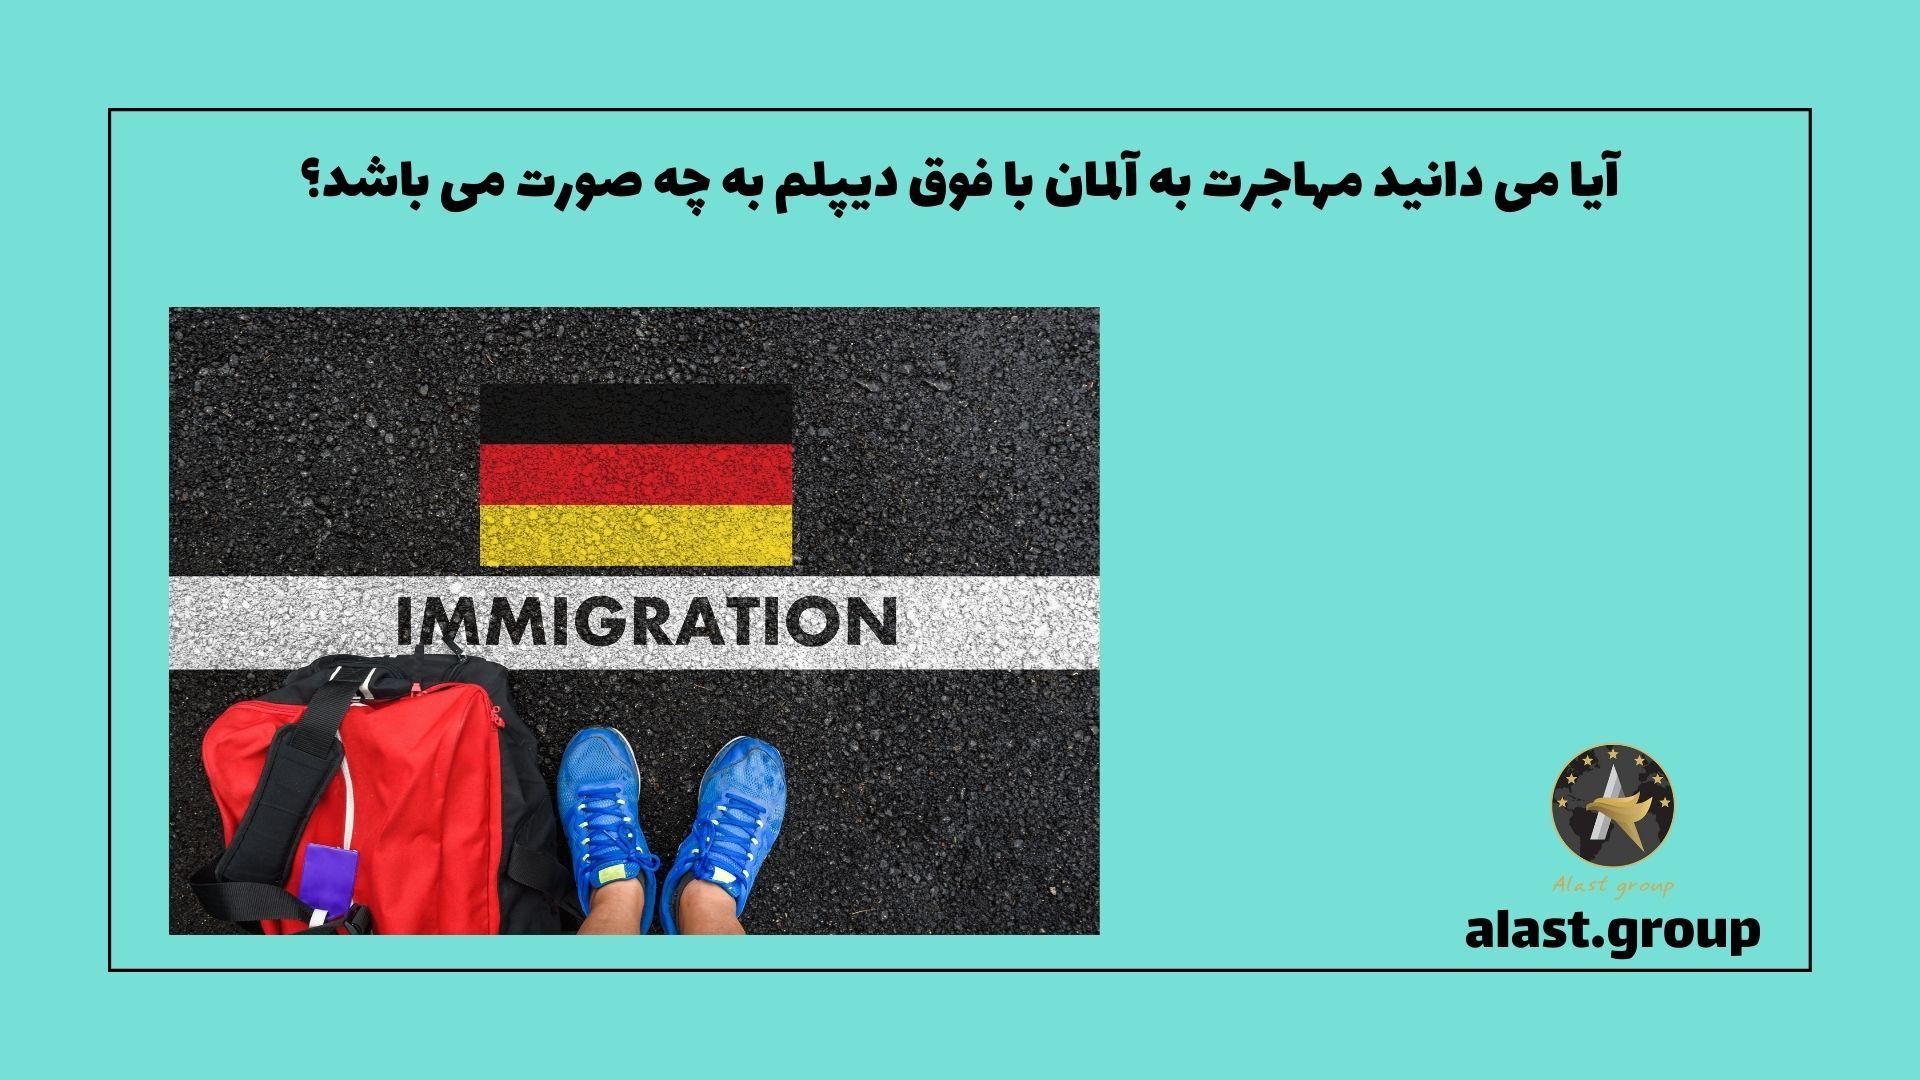 آیا می دانید مهاجرت به آلمان با فوق دیپلم به چه صورت می باشد؟